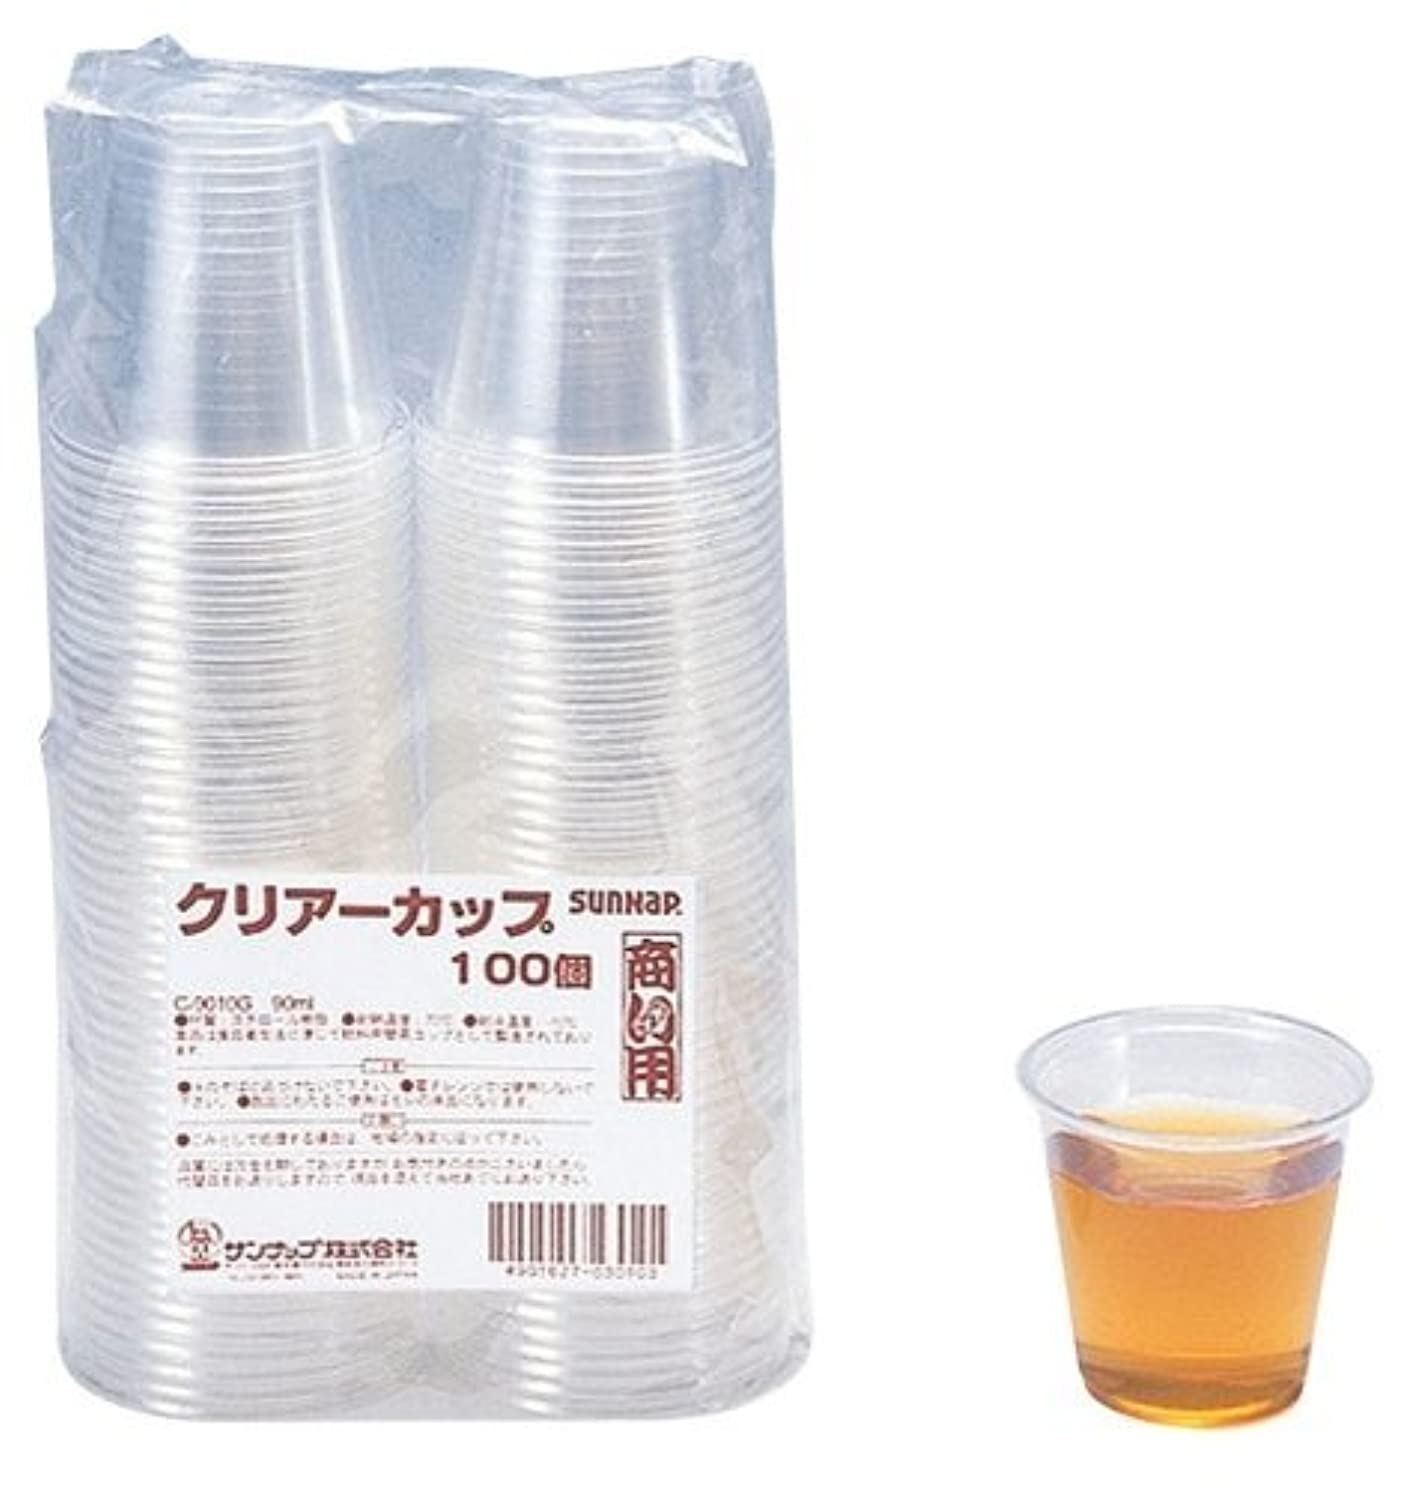 (まとめ買い) サンナップ 商い用クリアーカップ 90ml 100個 C-9010G 【×3】